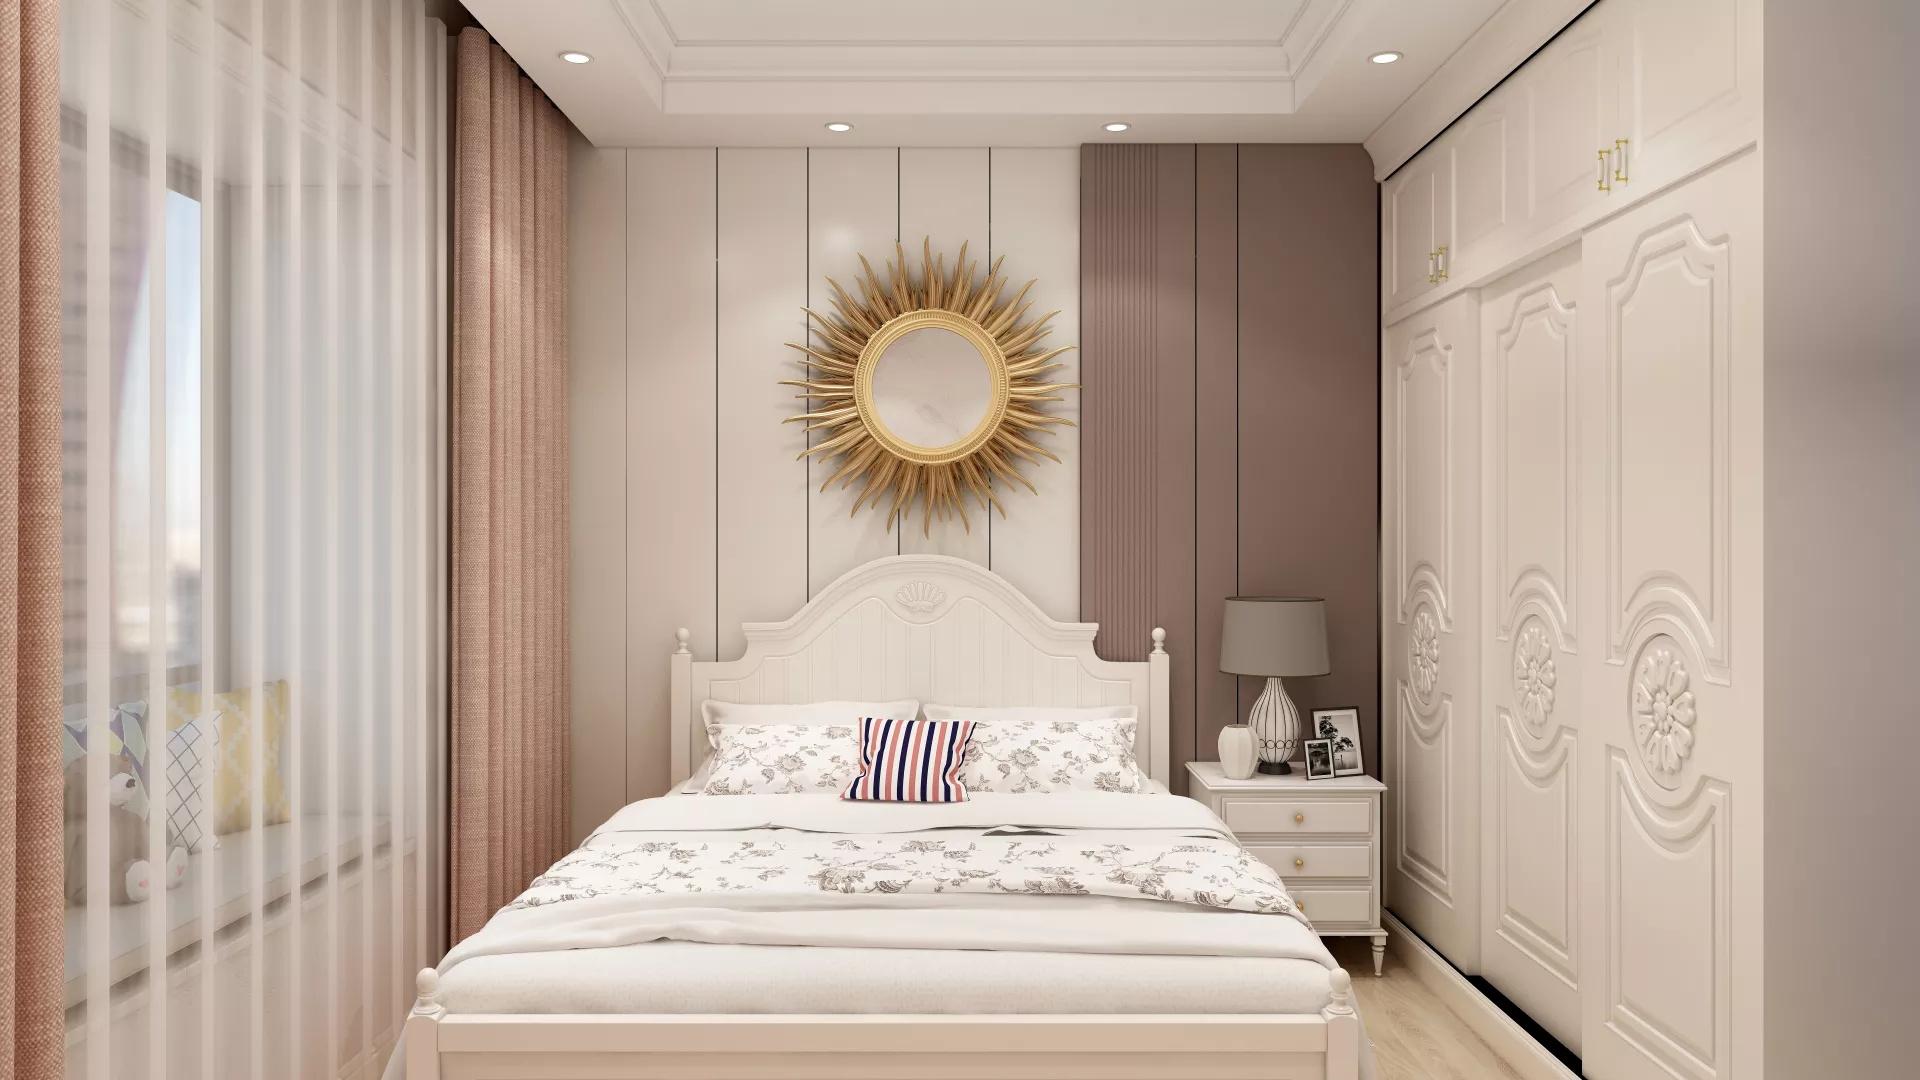 田园风格大气舒适温馨卧室床装修效果图